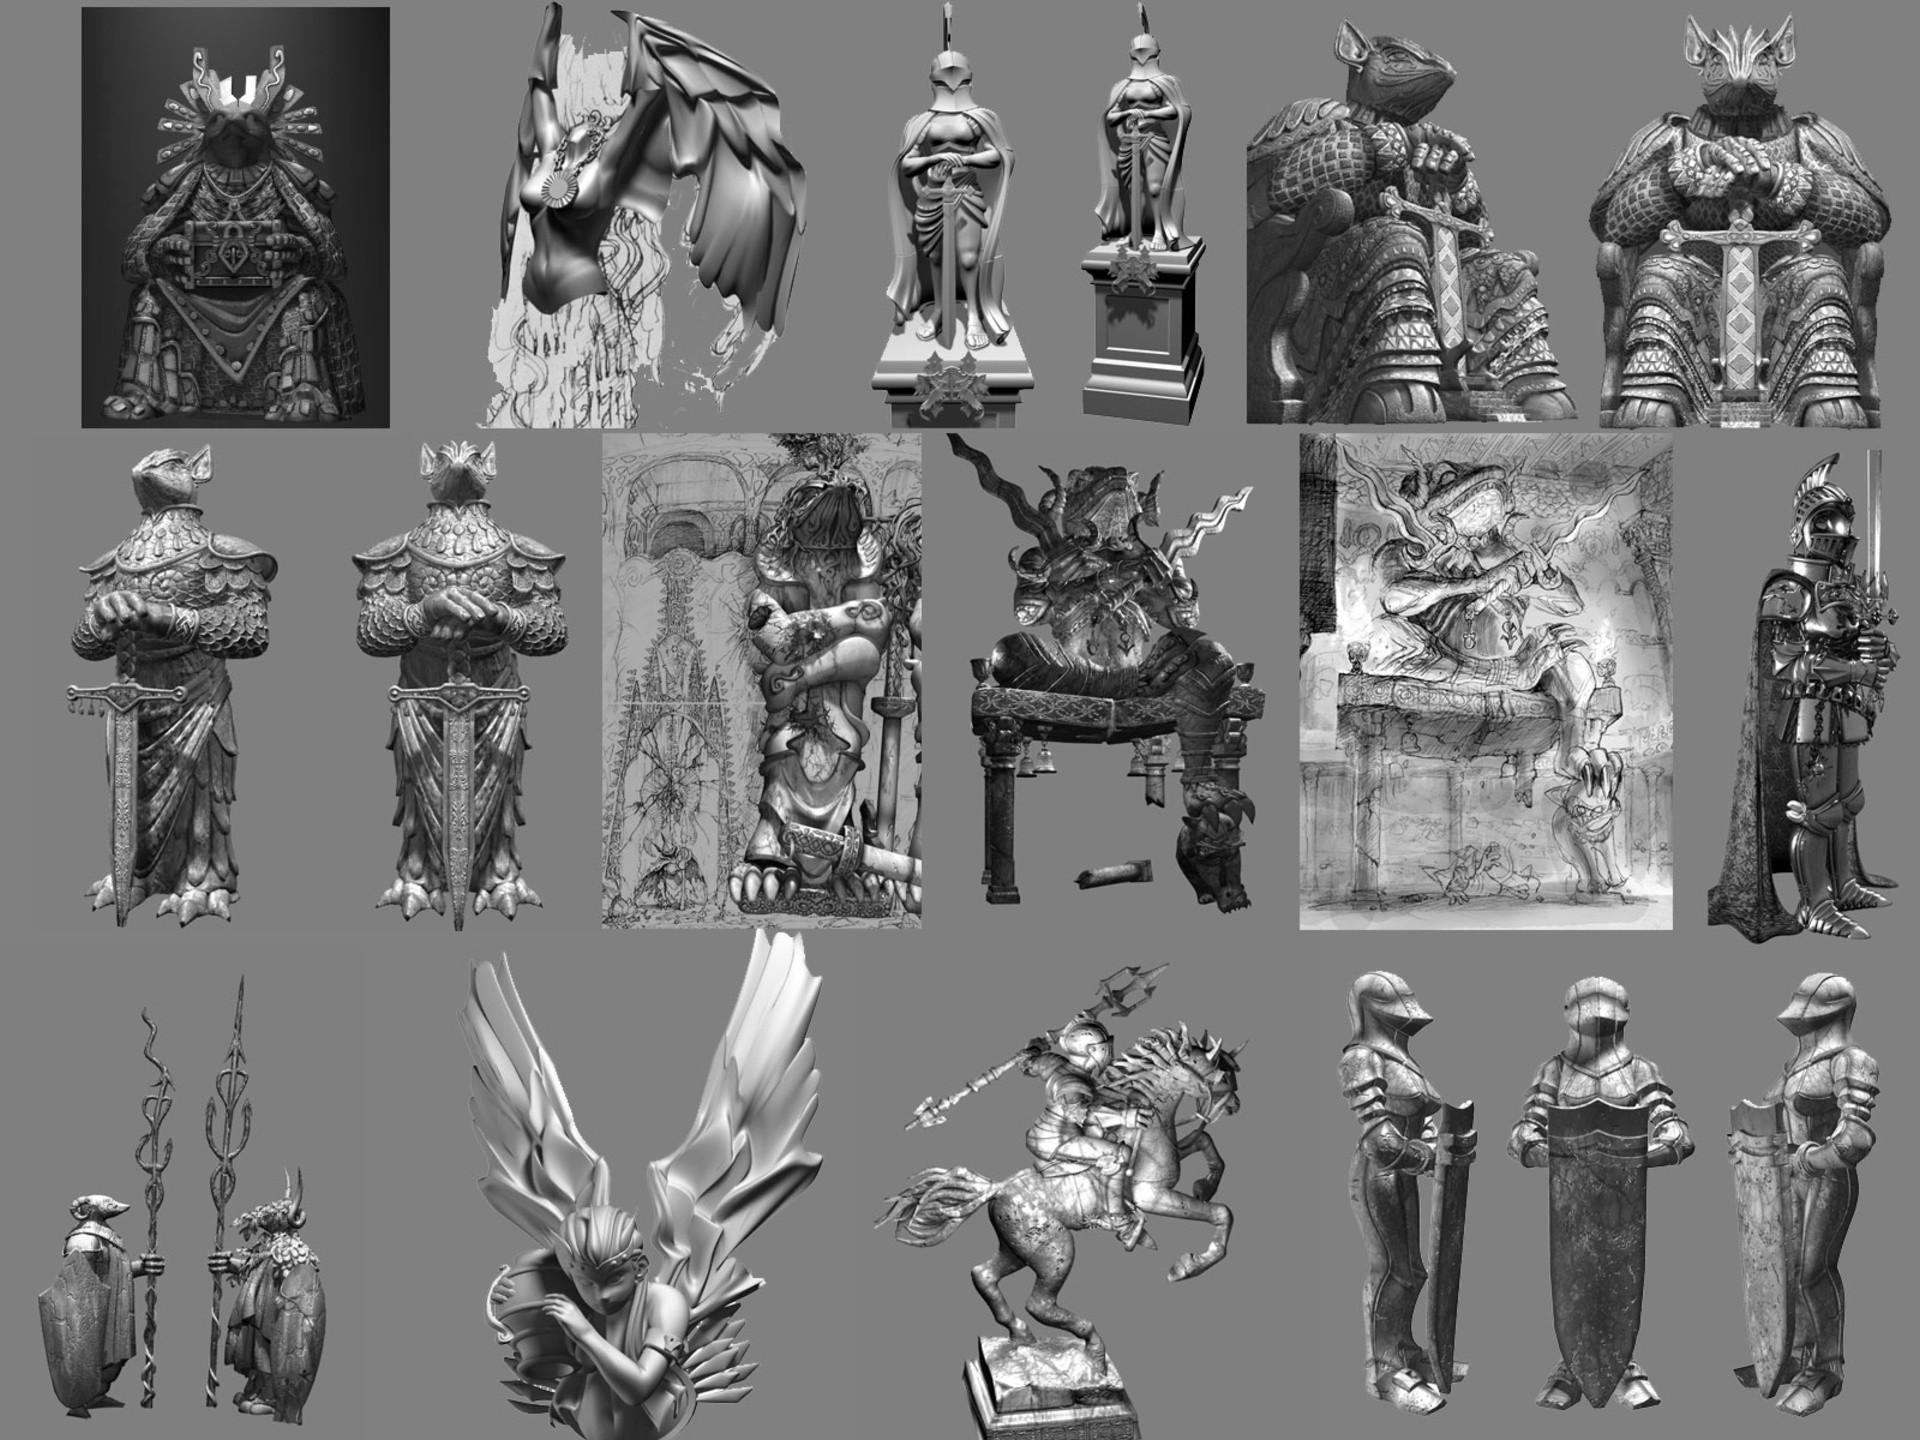 Burmecia Statues CG Art.jpg